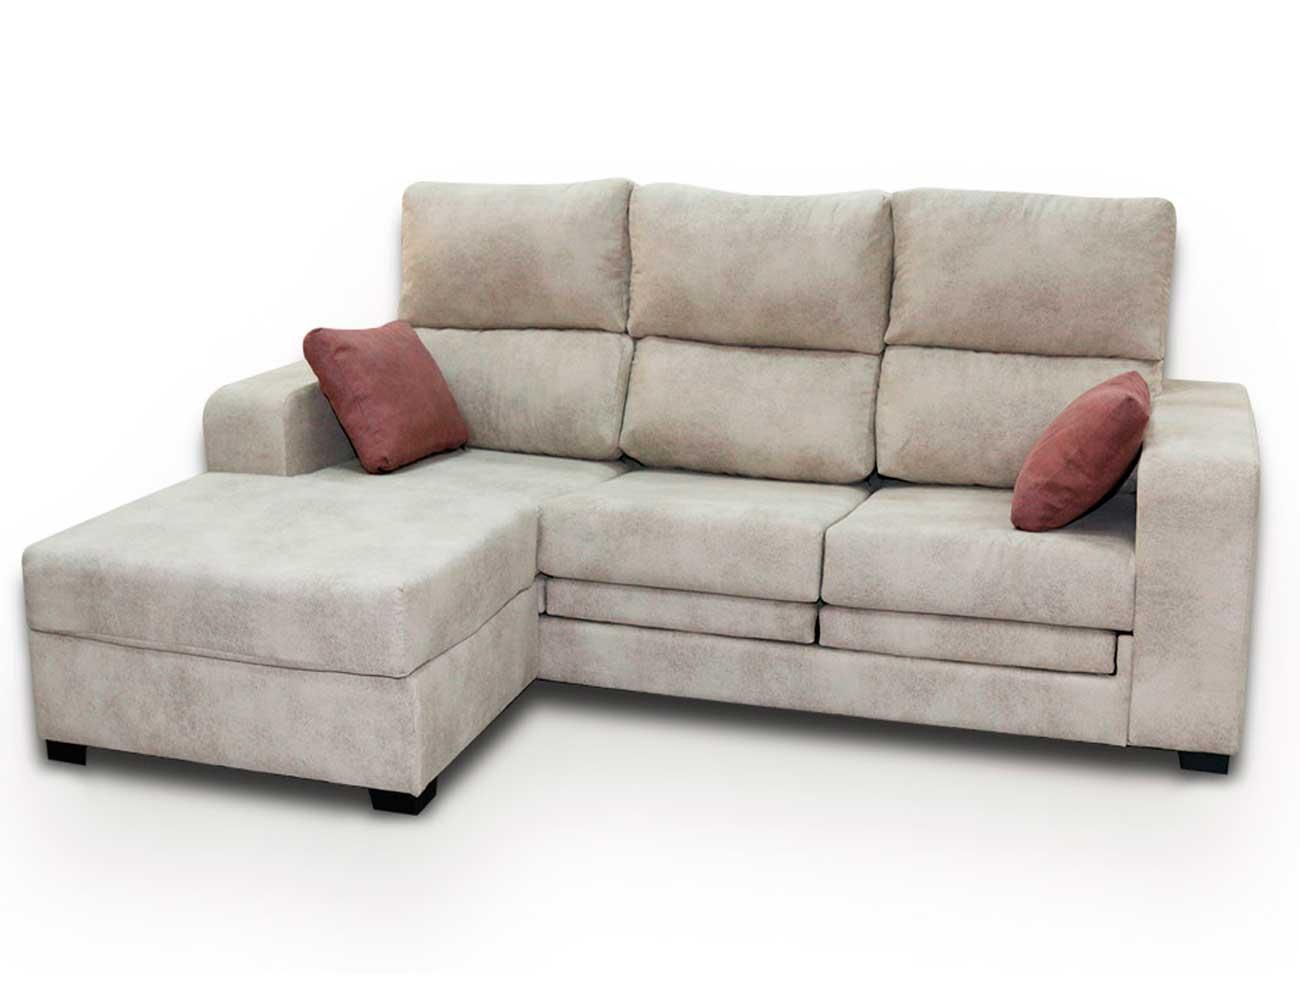 Sofa 3p puff reversible6